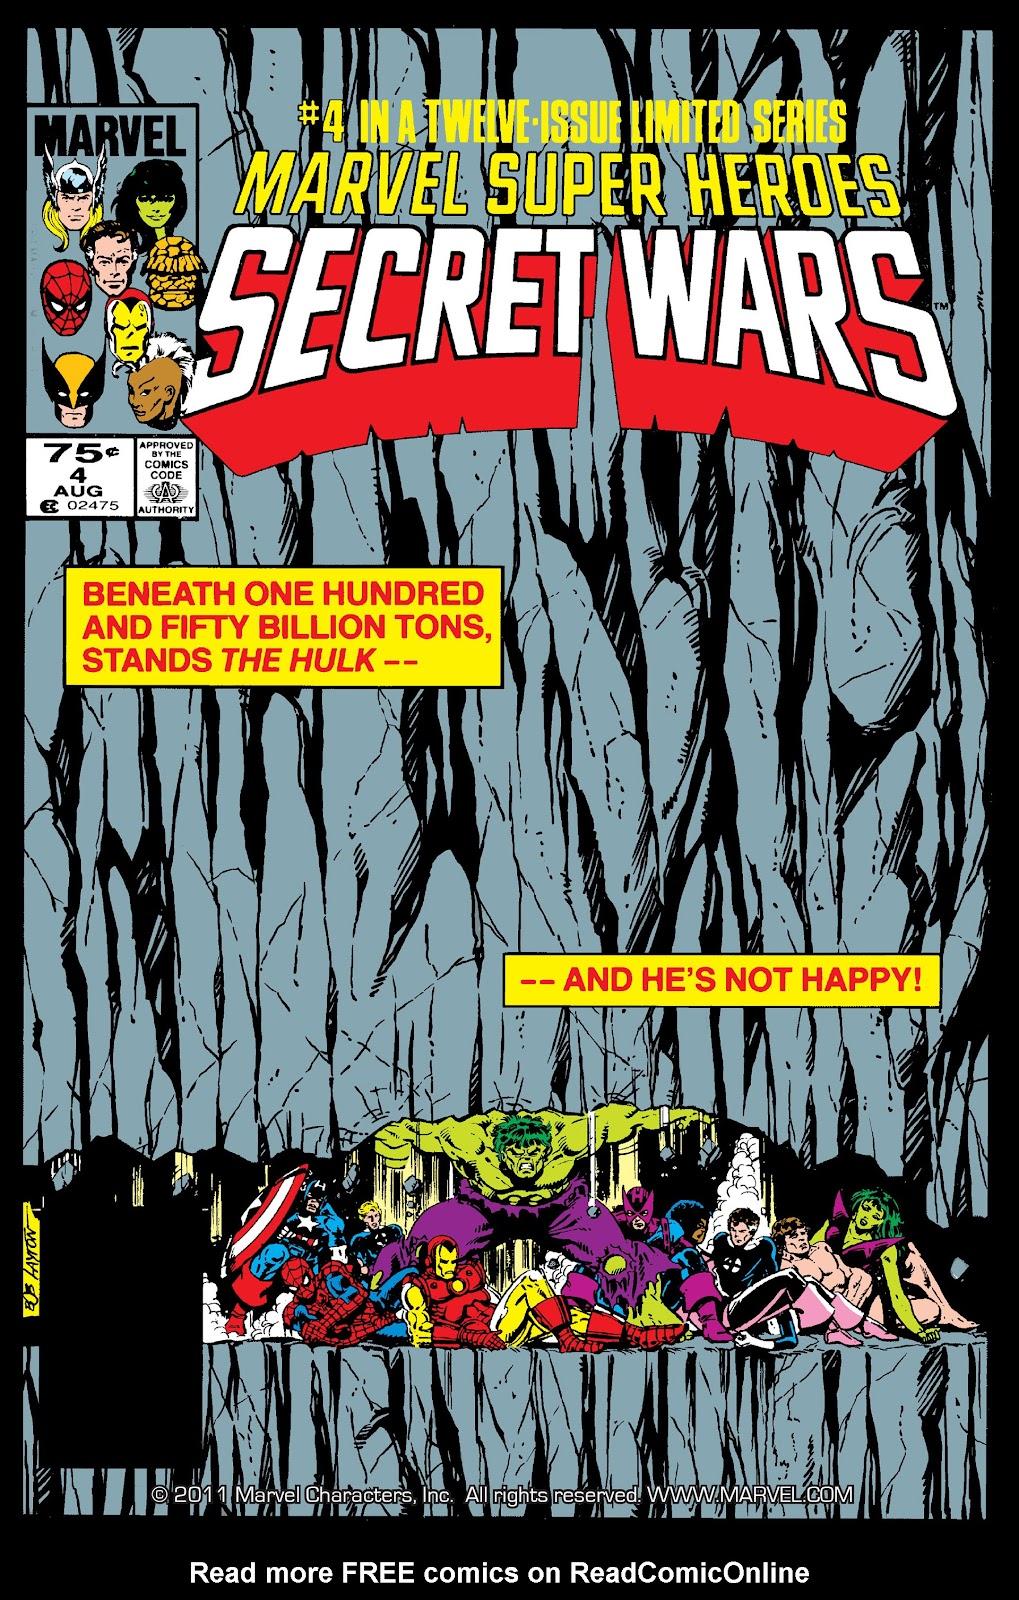 Marvel Super Heroes Secret Wars (1984) 4 Page 1